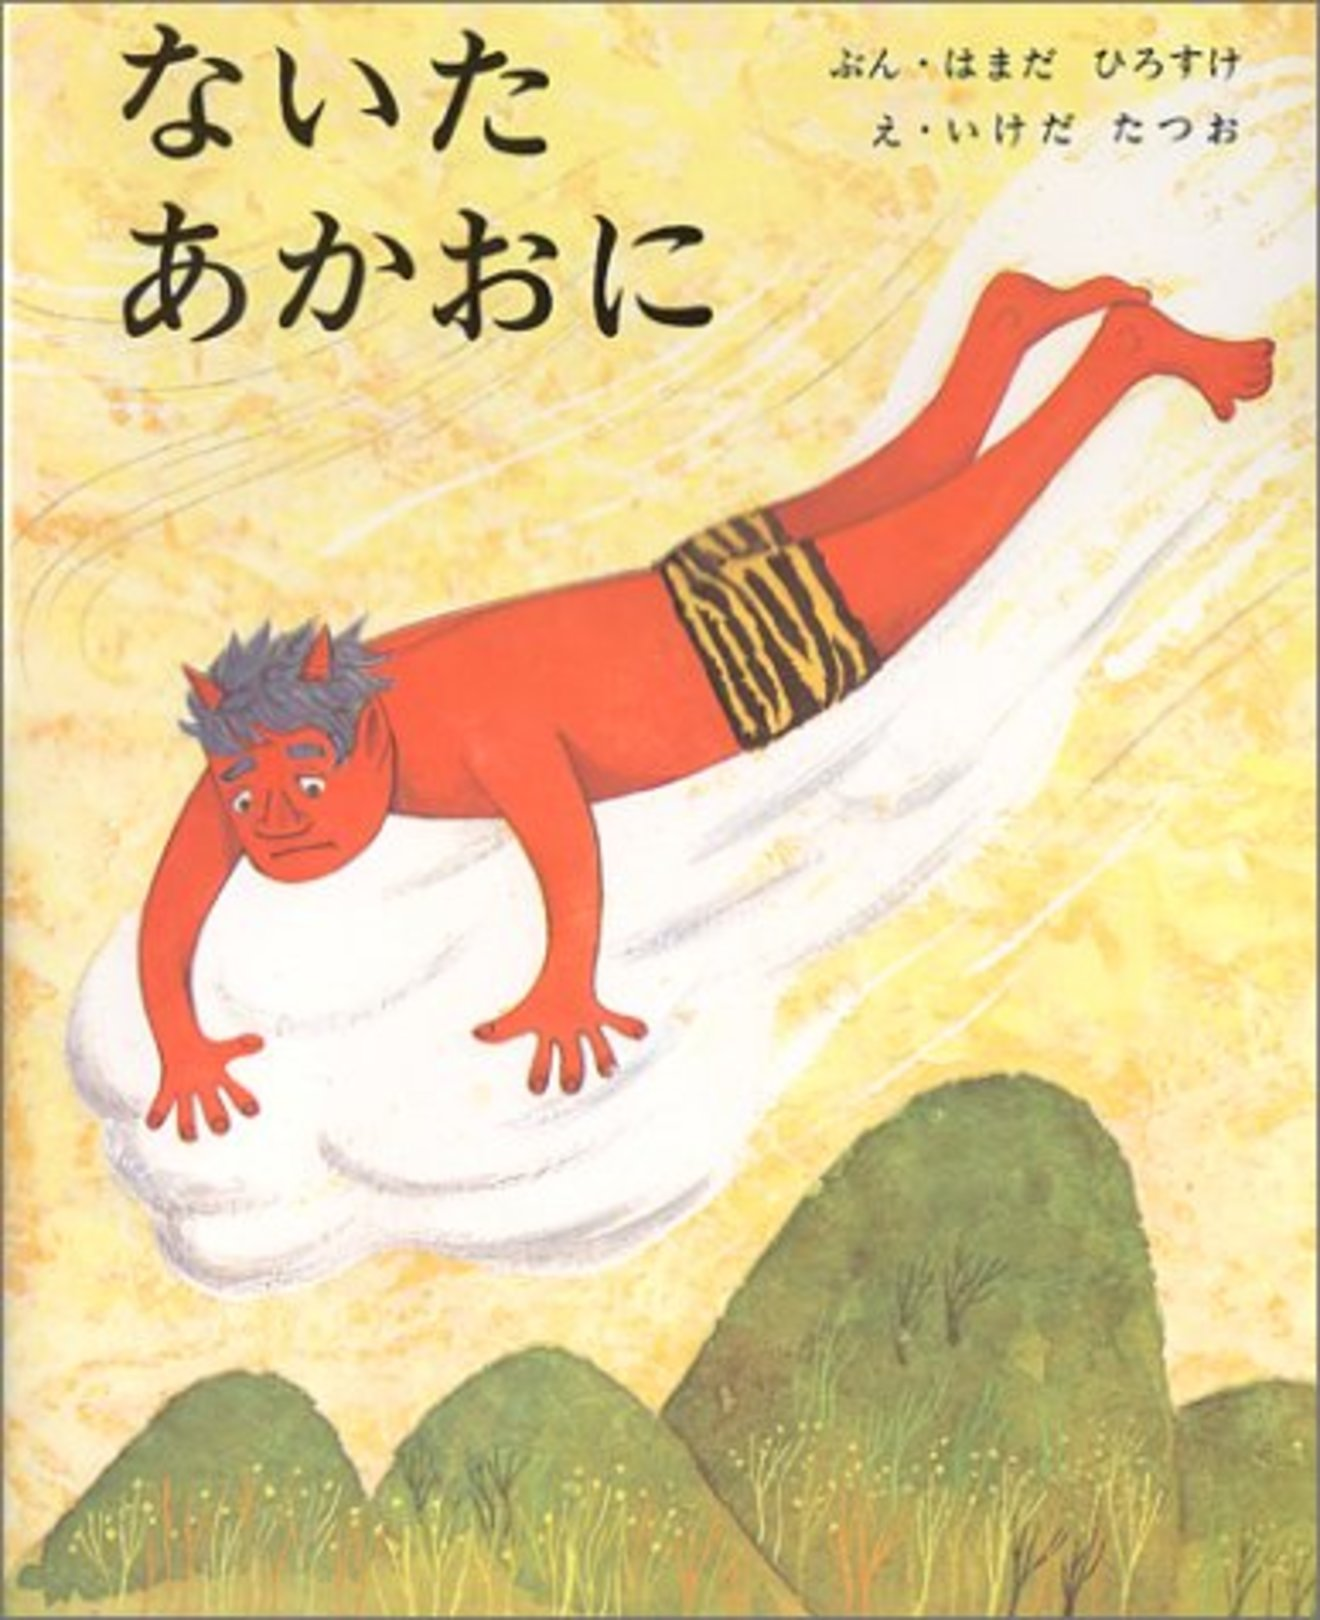 浜田広介が描いたおすすめ作品5選!『泣いた赤鬼』で知られる童話作家